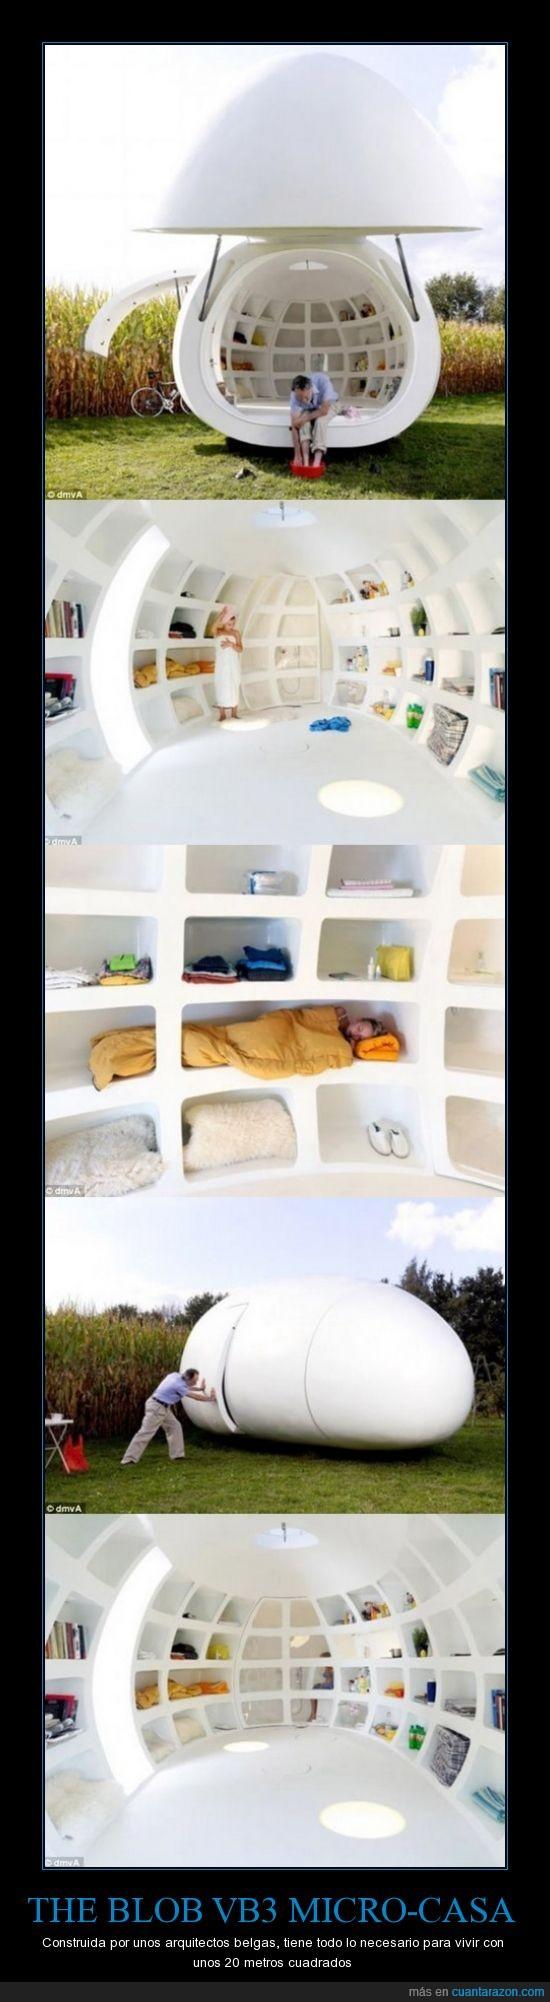 belga,blob,casa,micro,pequeña,proyecto